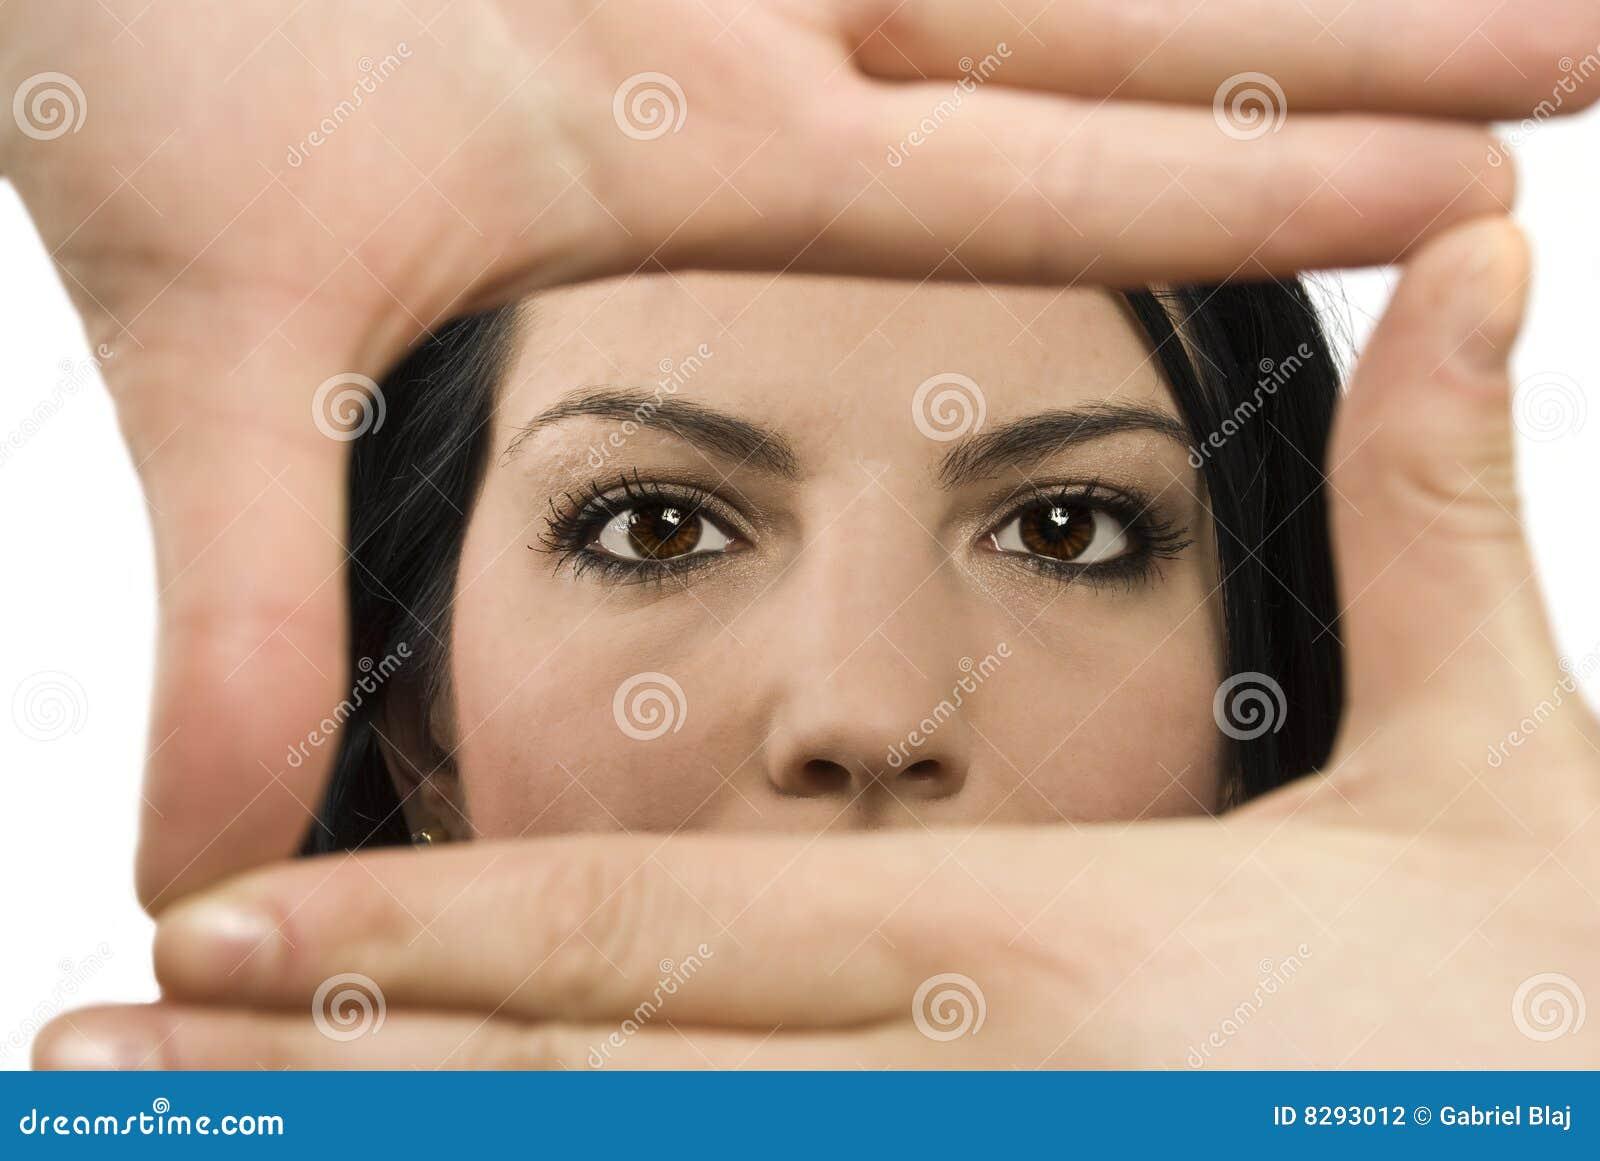 Eyes frame